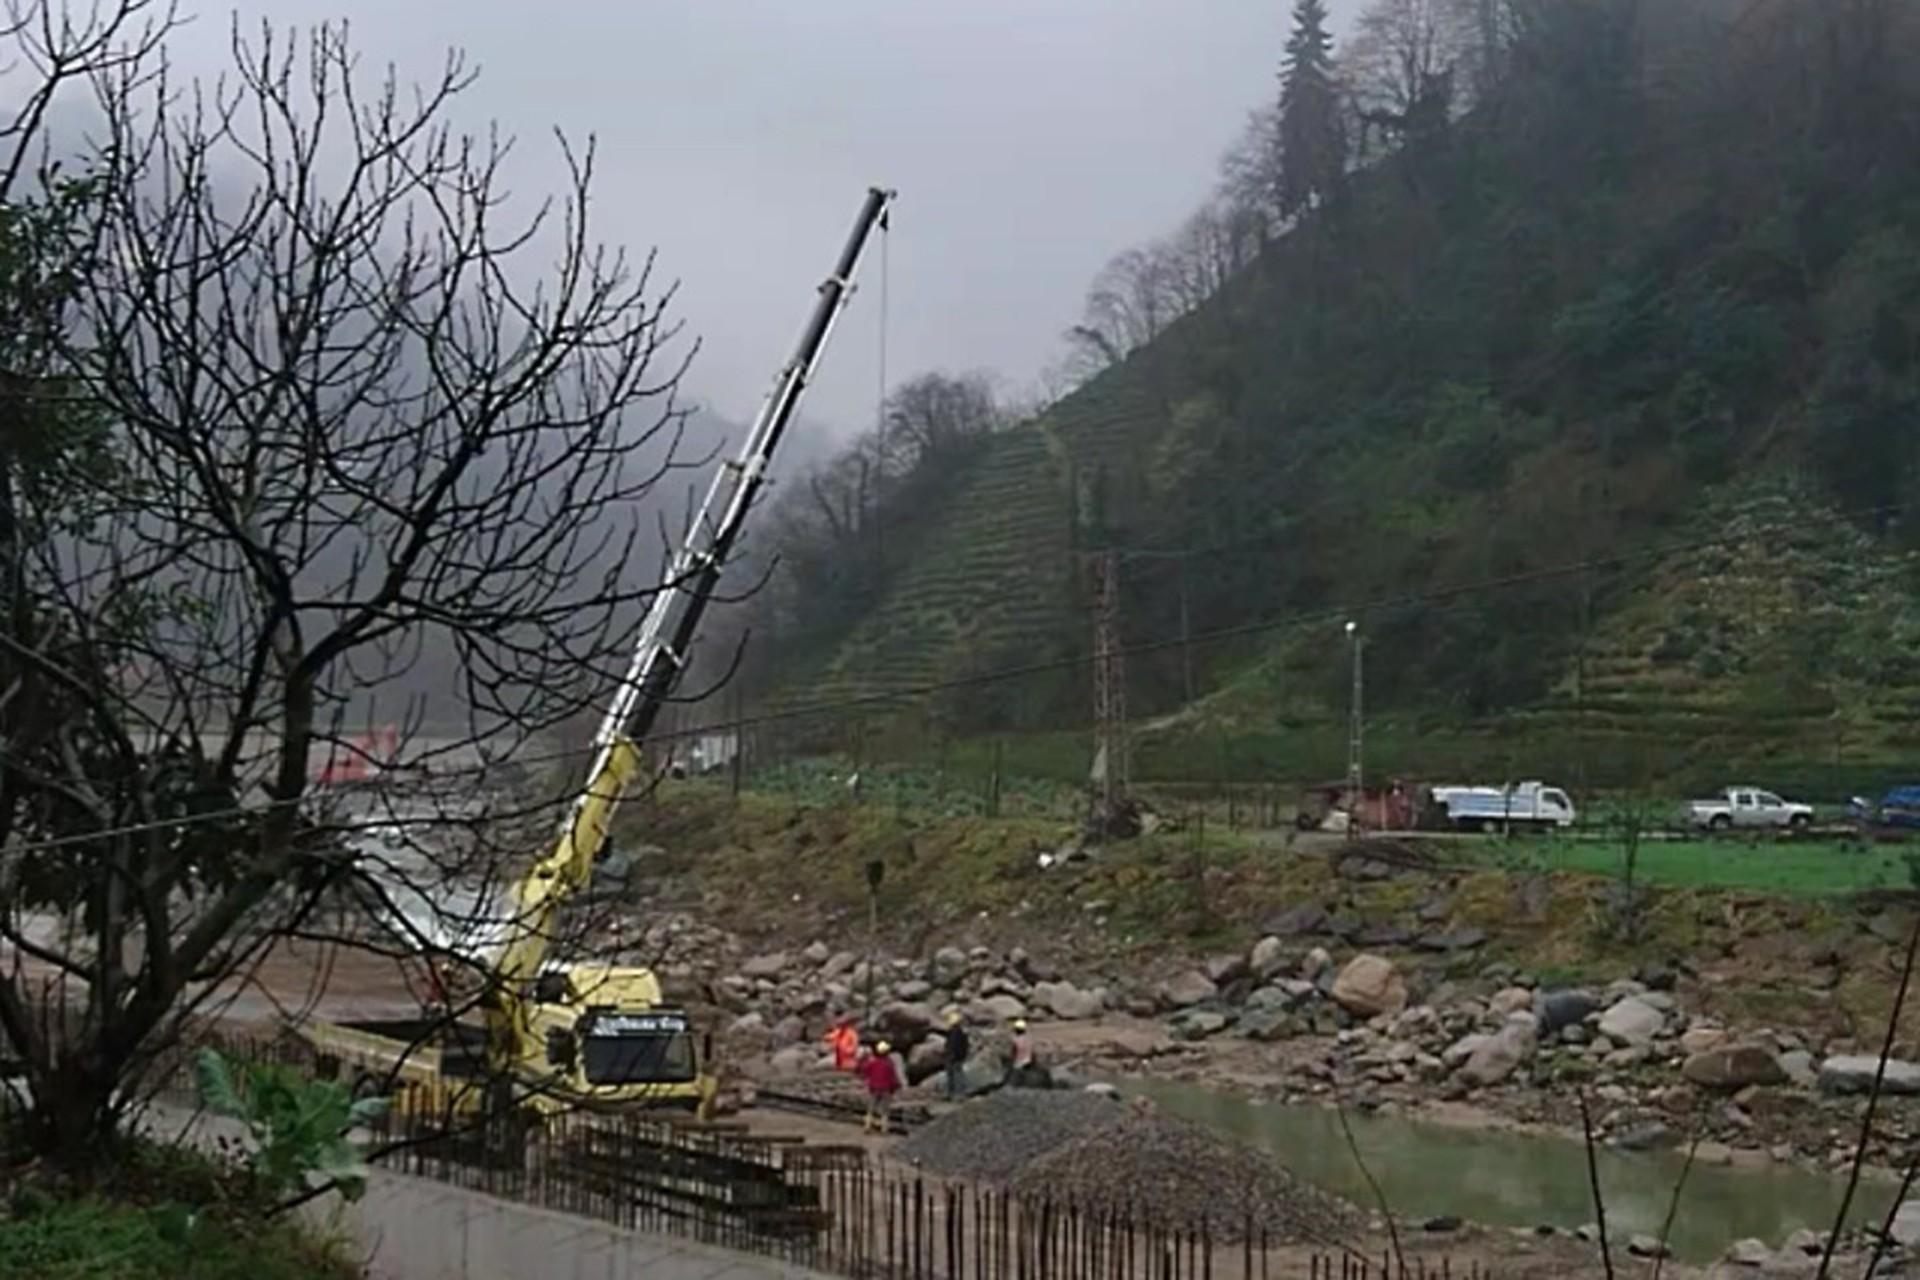 Rize Güneysu Gürgen köyünde yurttaşların tepkilerine rağmen HES inşaatı devam ediyor.